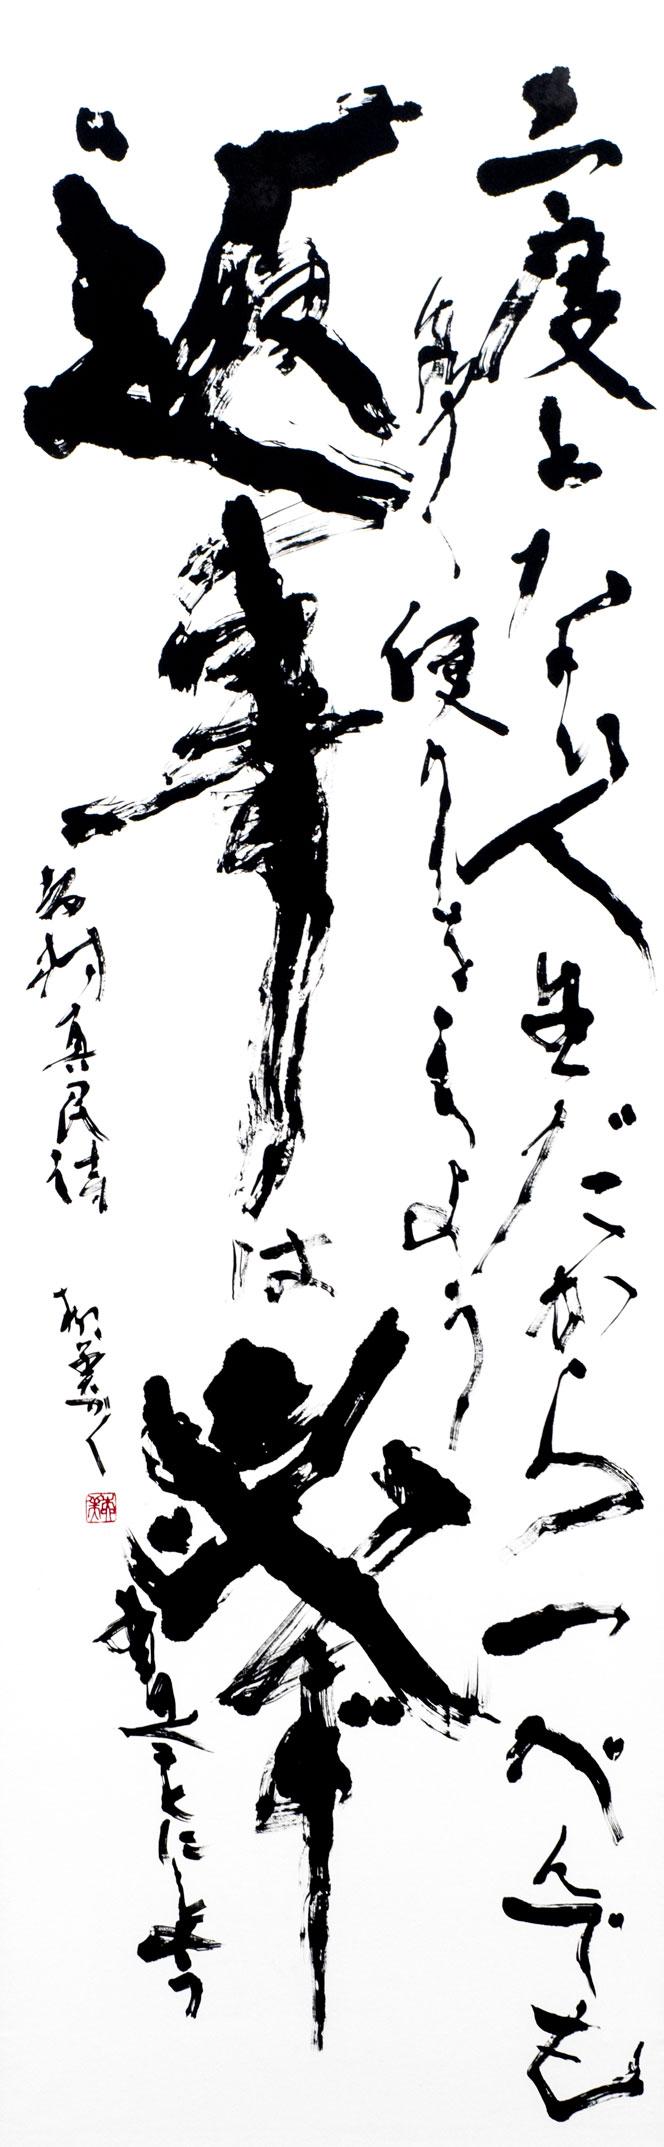 2017-jp-shodo-inspiration-464.jpg